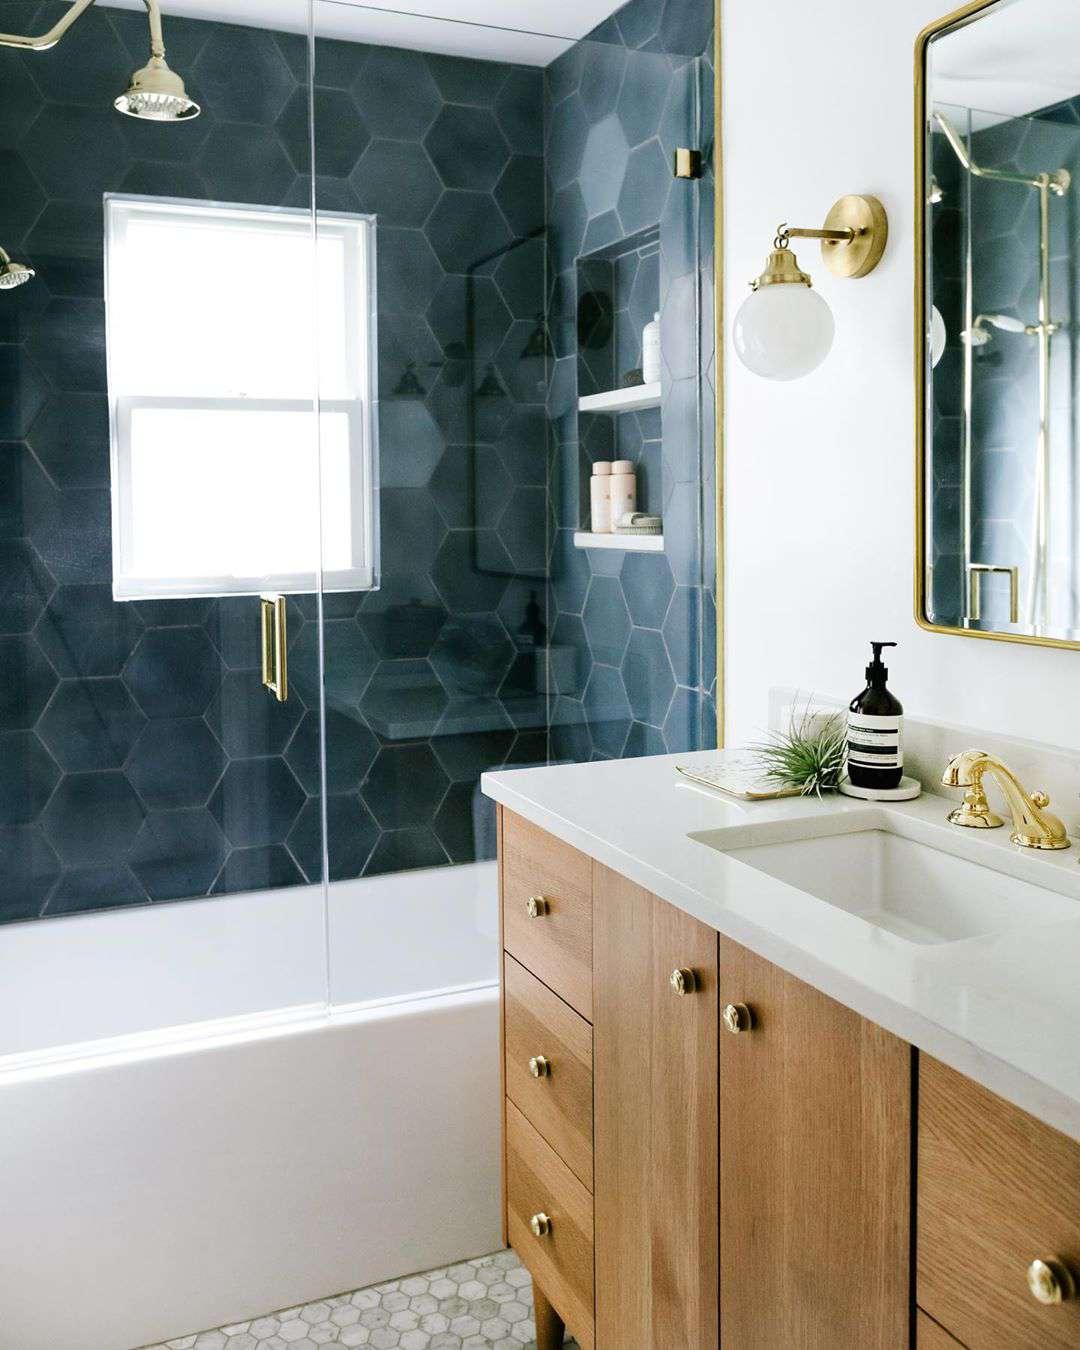 Bathroom with deep blue tiles